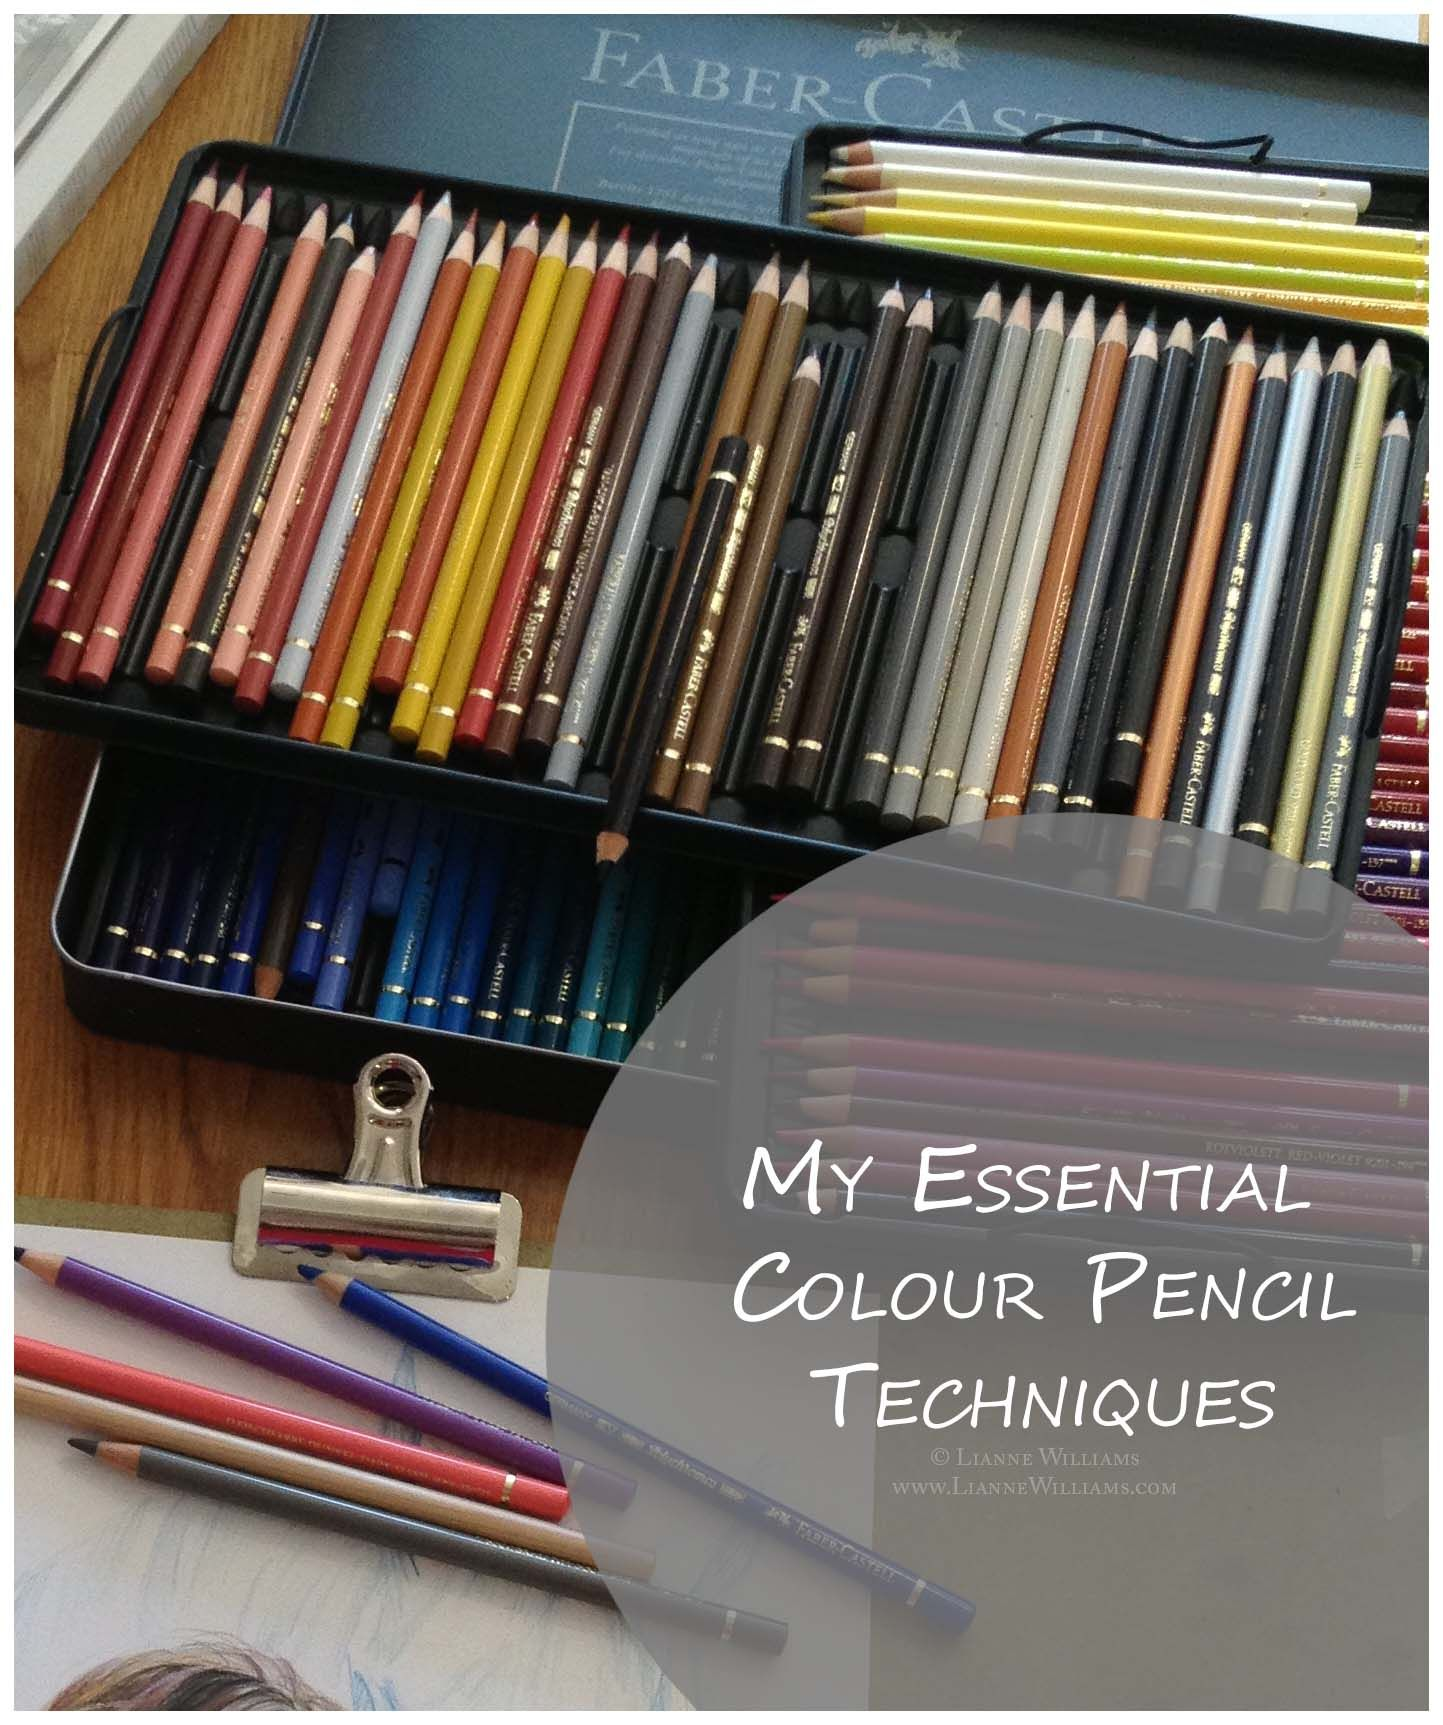 My Essential Colour Pencil Techniques